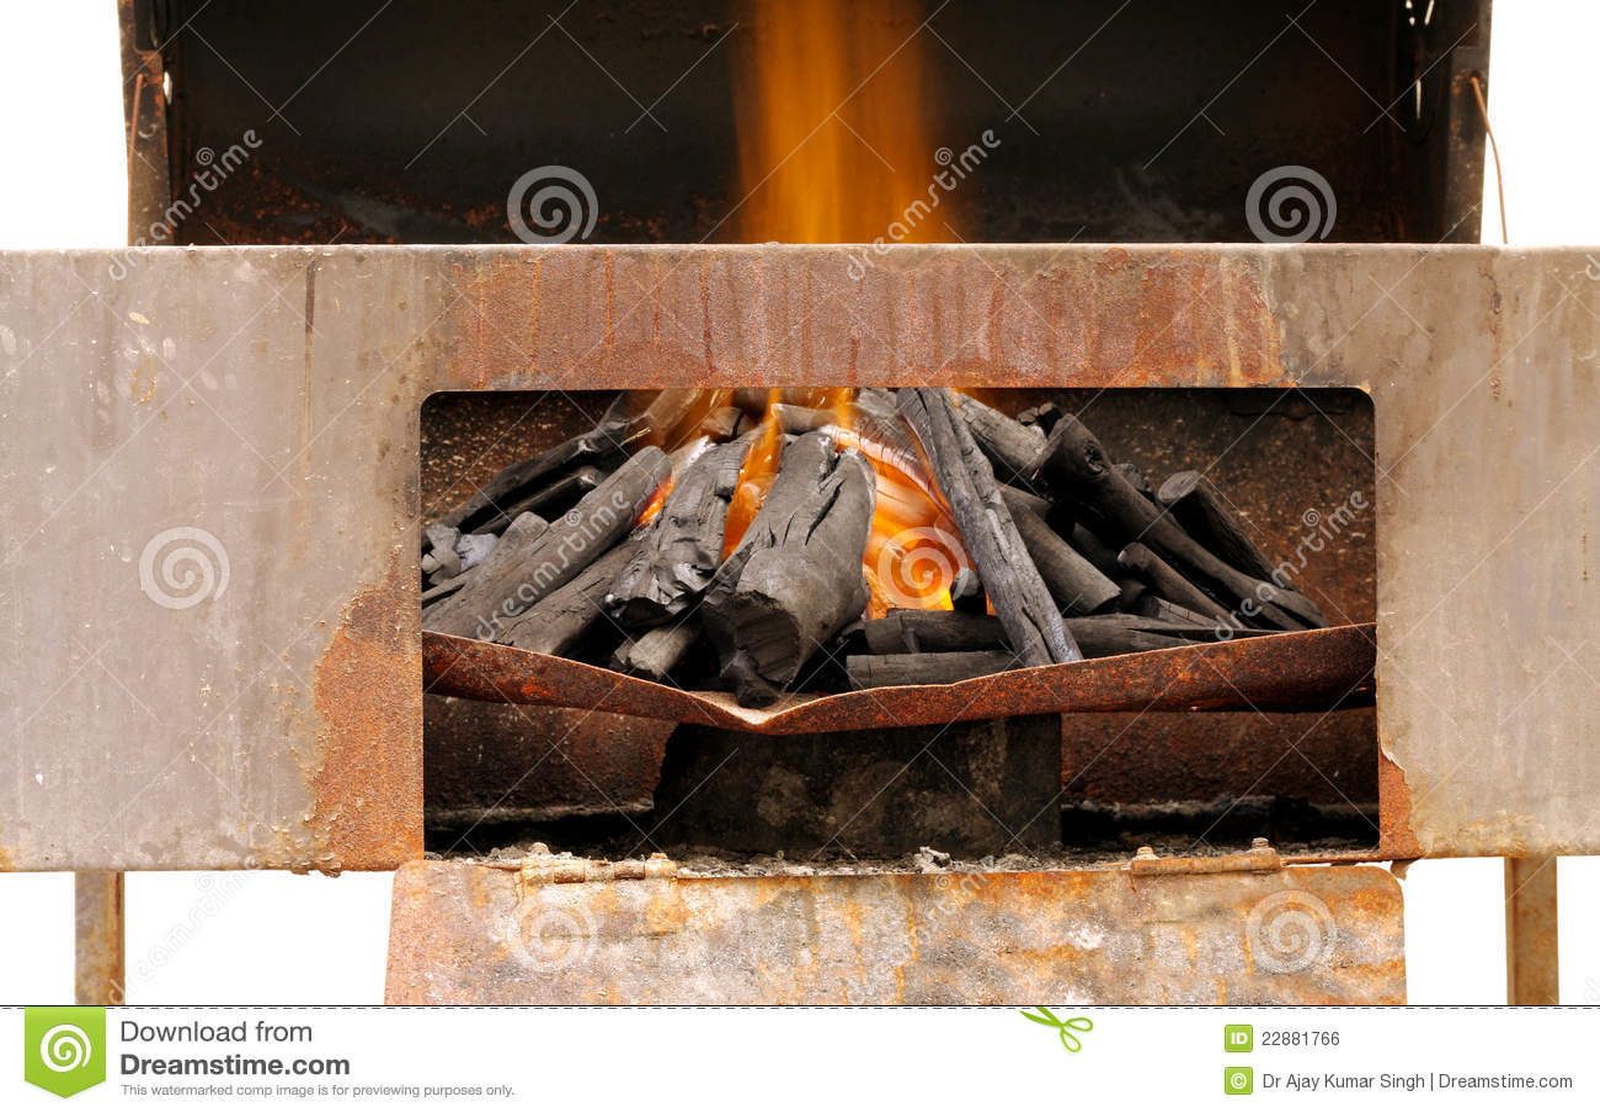 Fiamme sulla griglia ben illuminata del barbecue del carbone di